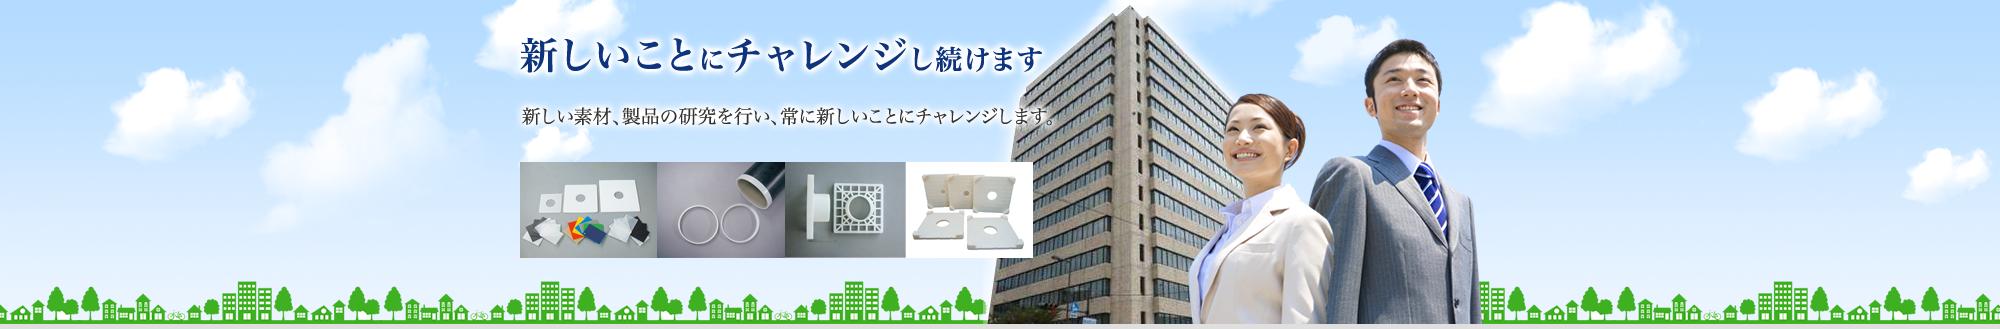 村角株式会社